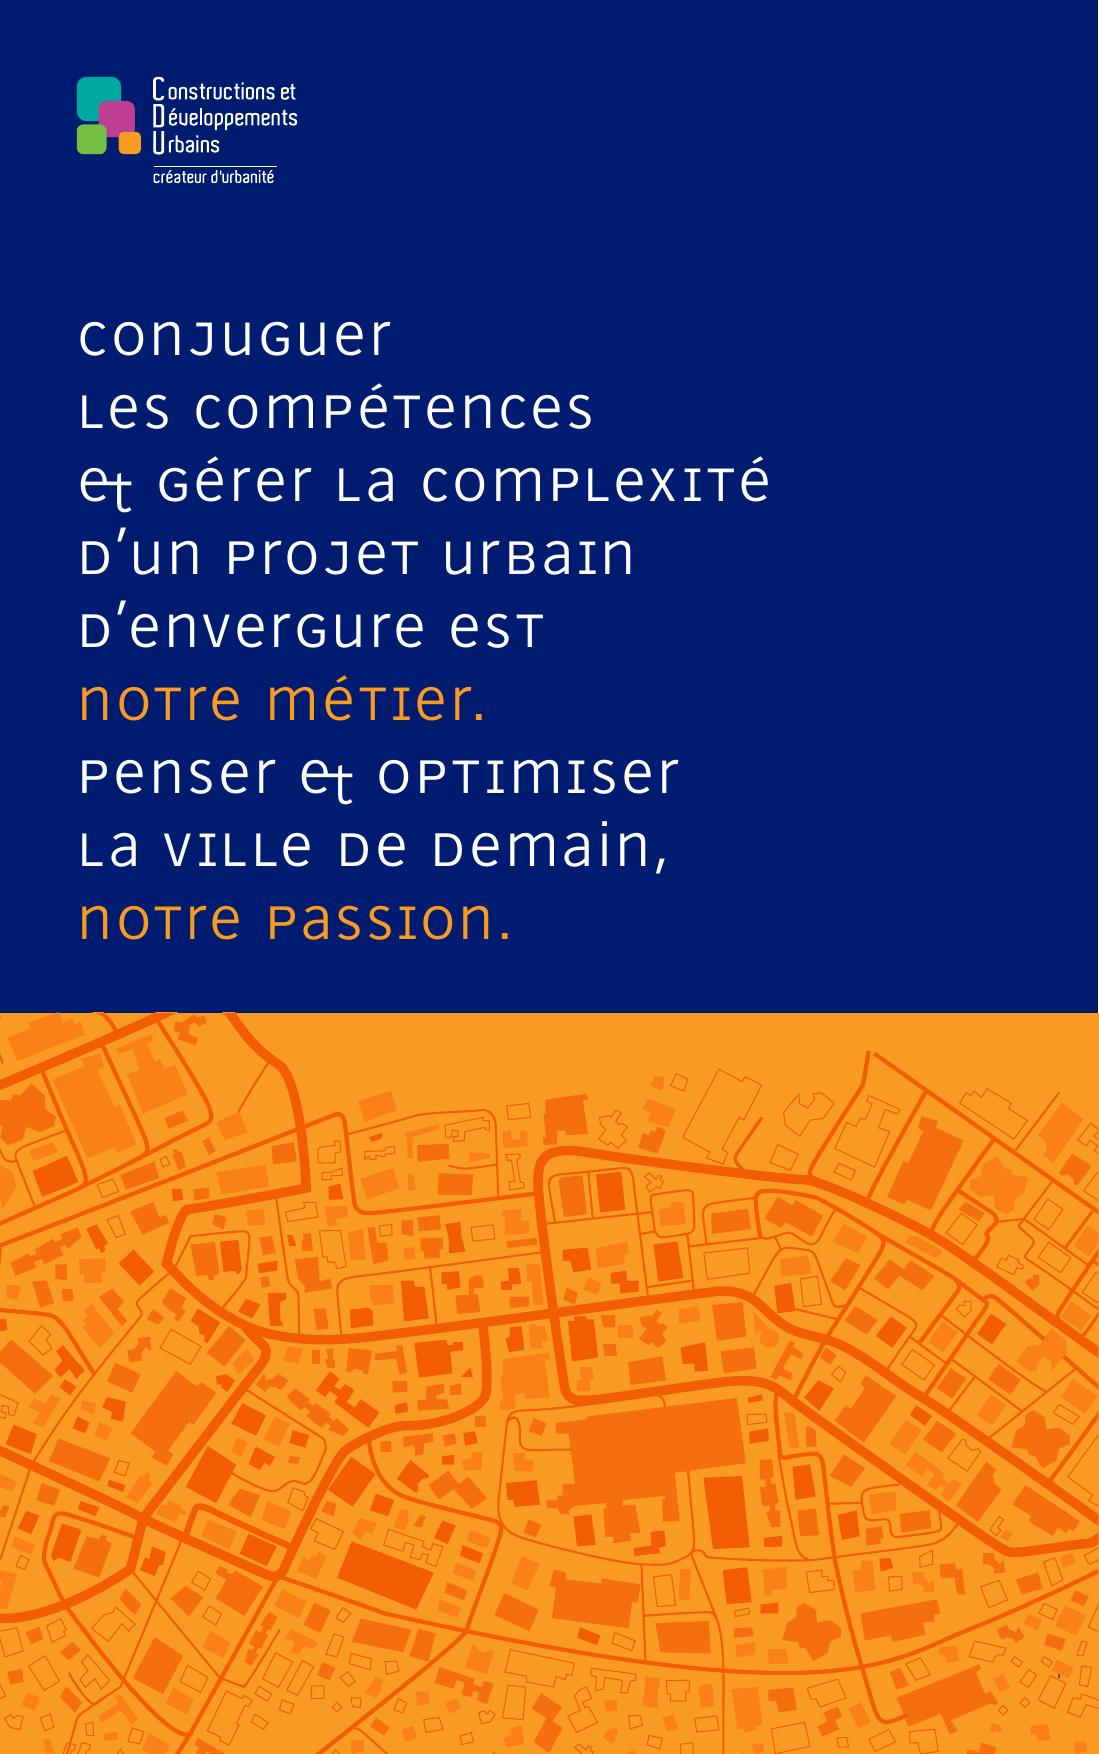 Conjuguer Les Competences Gerer La Complexite D Un